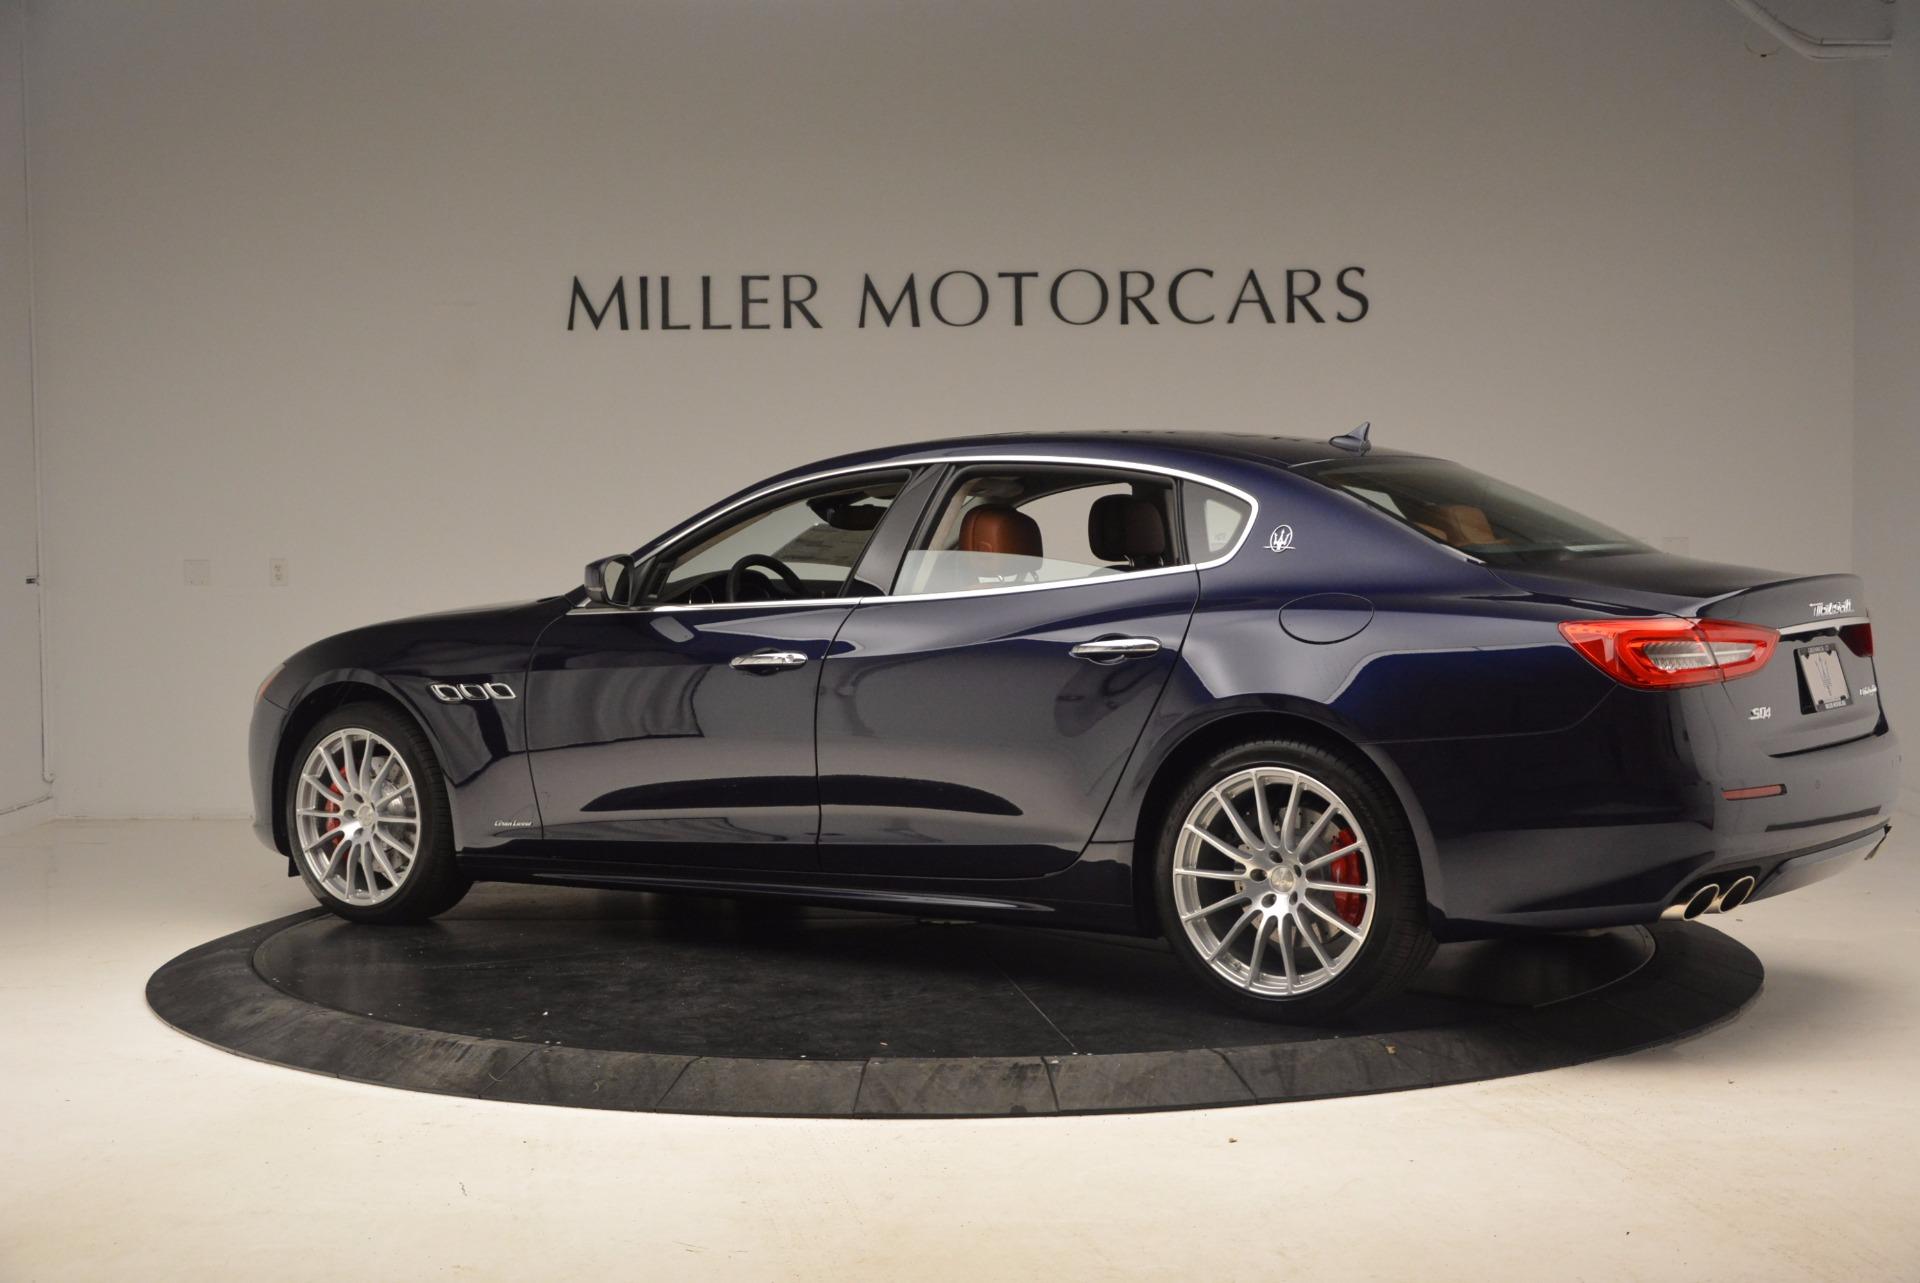 New 2018 Maserati Quattroporte S Q4 GranLusso For Sale In Greenwich, CT. Alfa Romeo of Greenwich, M1949 1614_p4